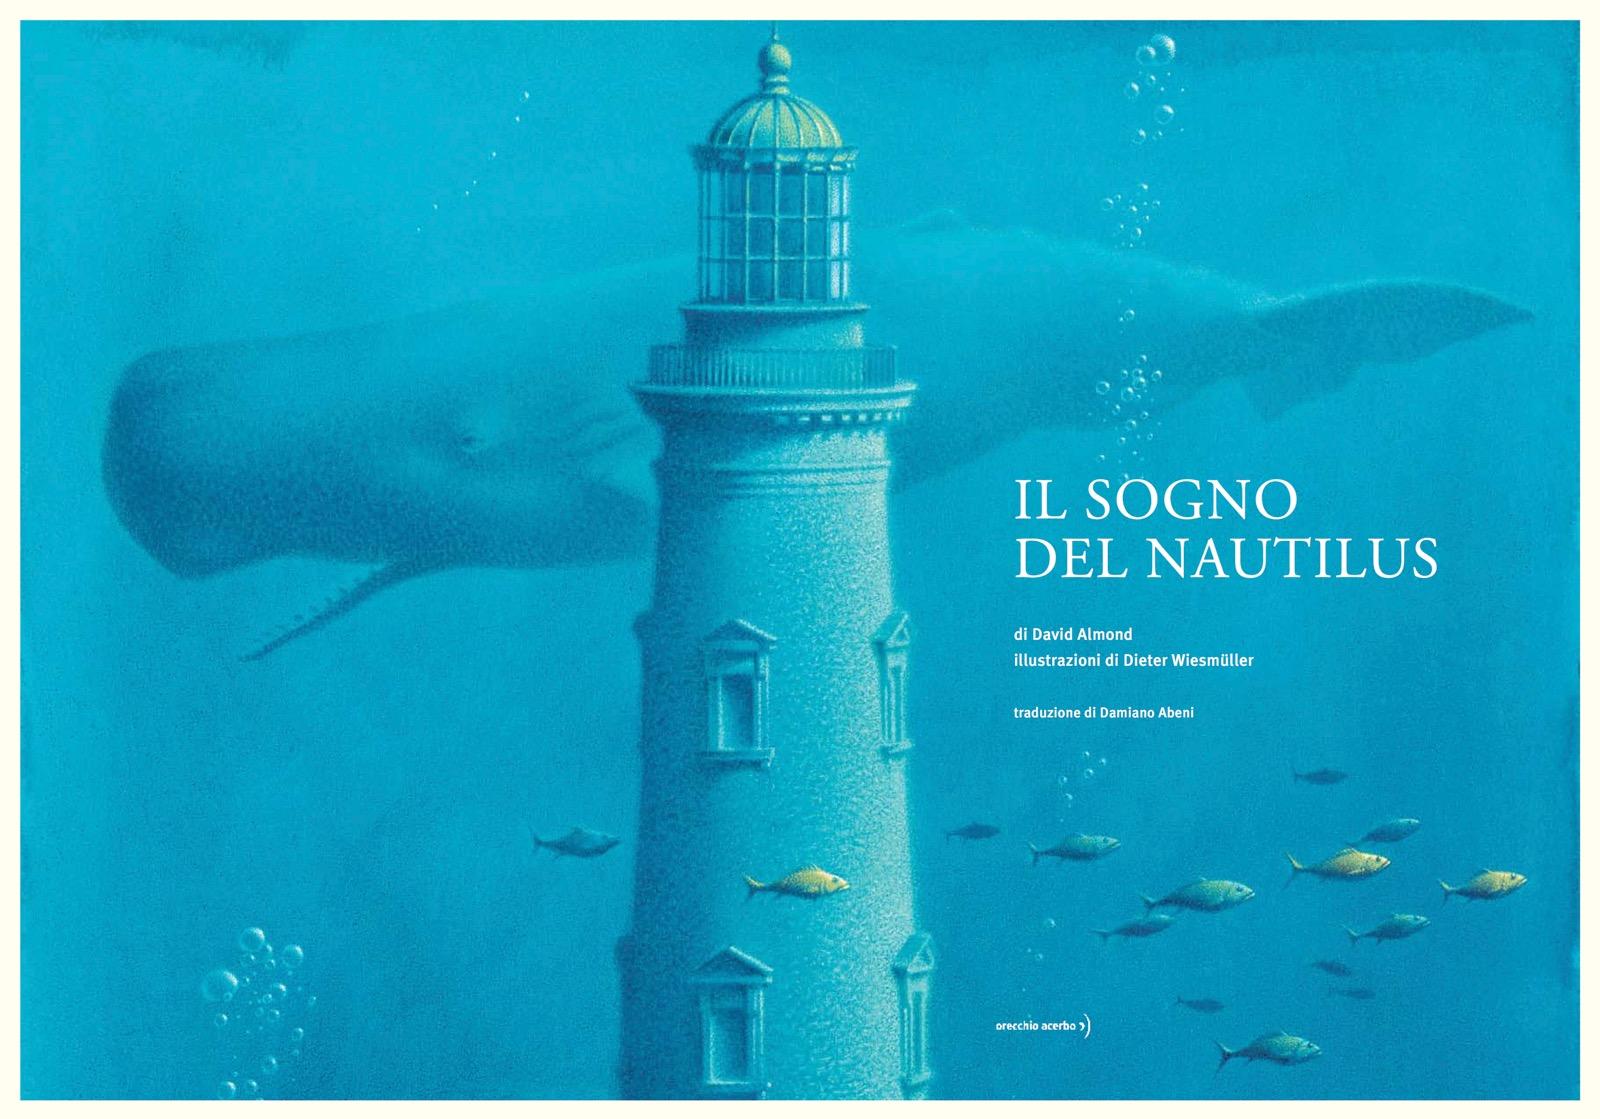 il sogno del nautilus 1